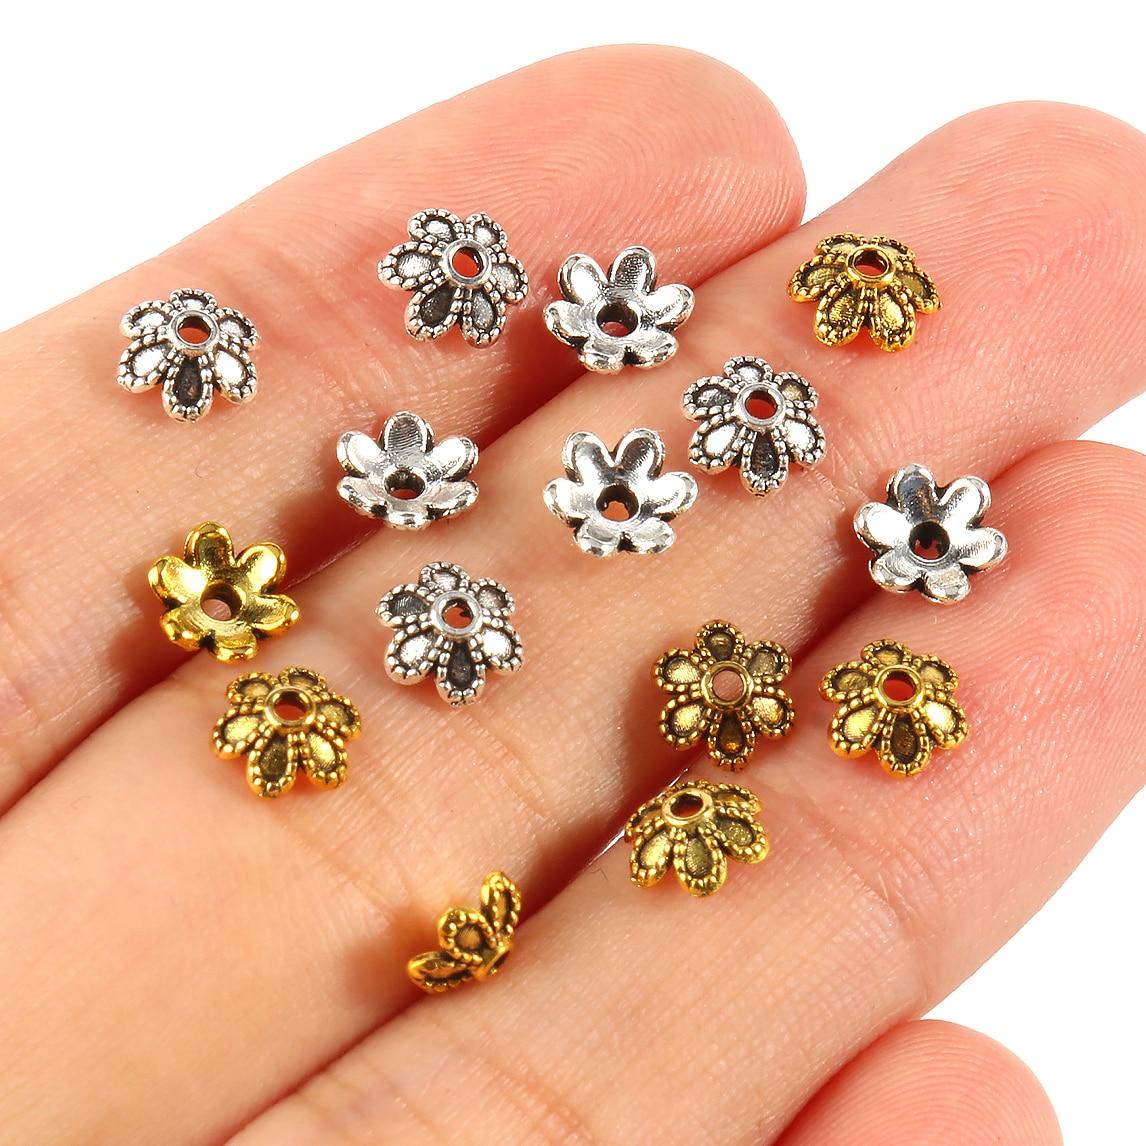 Тибетские антикварные золотые и серебряные цветные бусины с цветами, Концевики для изготовления ювелирных изделий, шапочки для бусин с отв...